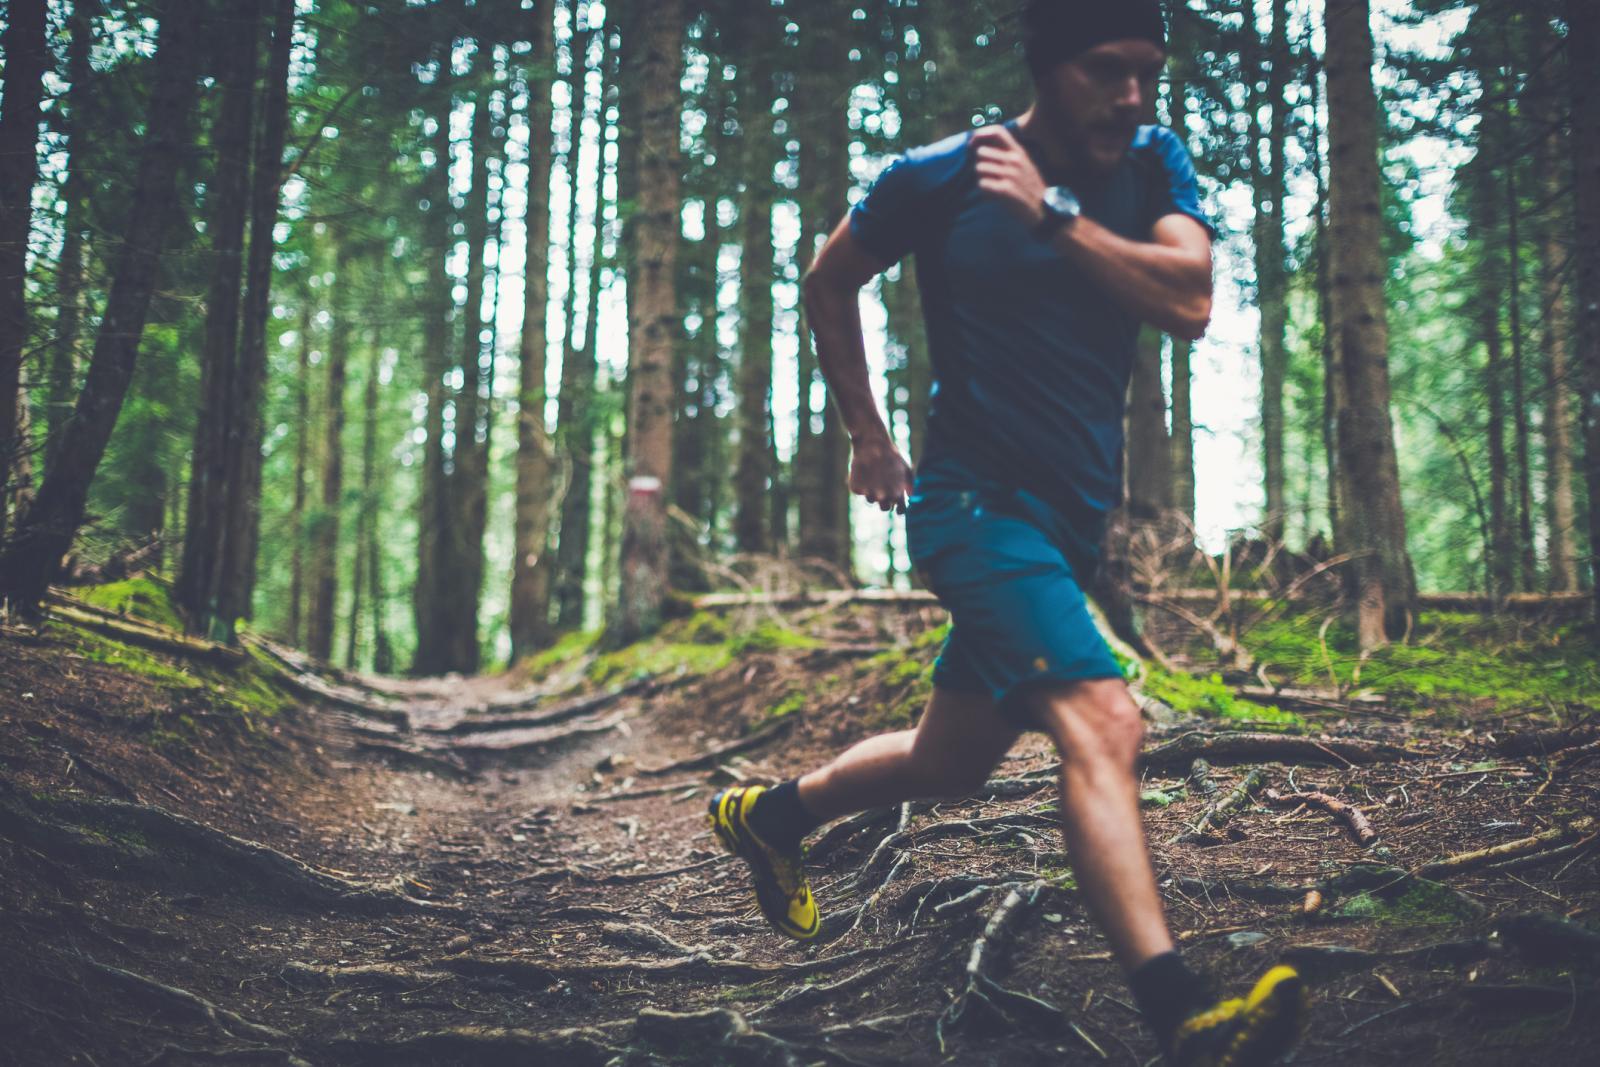 Trčanje je idealan oblik vježbe za osobe s dijabetesom zato što poboljšava osjetljivost tijela na inzulin, a to može biti naročito korisno za osobe s dijabetesom tipa 2 da im pomogne u borbi protiv inzulinske rezistencije.